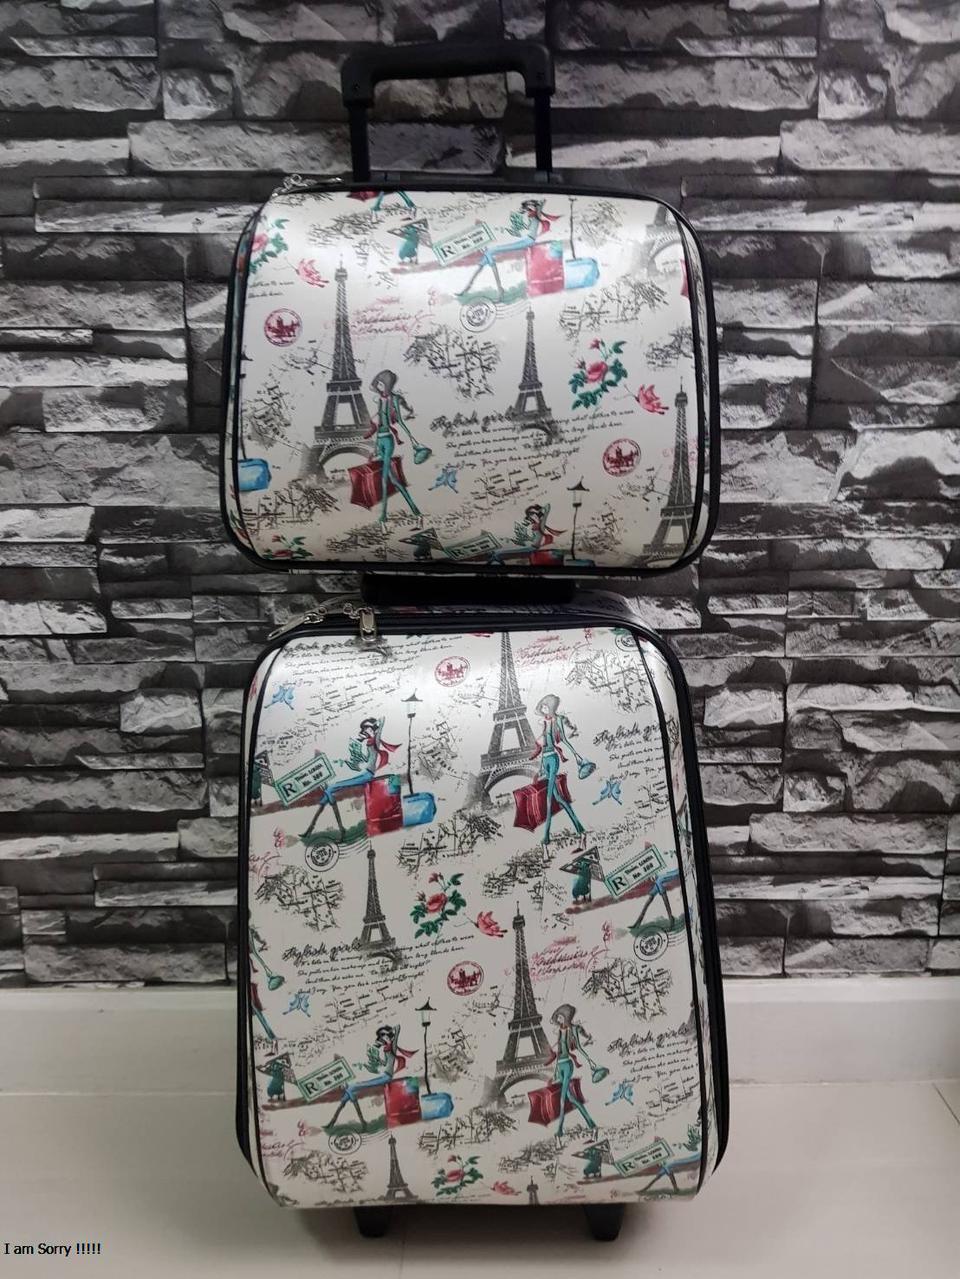 กระเป๋าเดินทางแบบผ้า เซ็ทคู่ 18/13 นิ้ว ลายหอไอเฟว รูปที่ 2